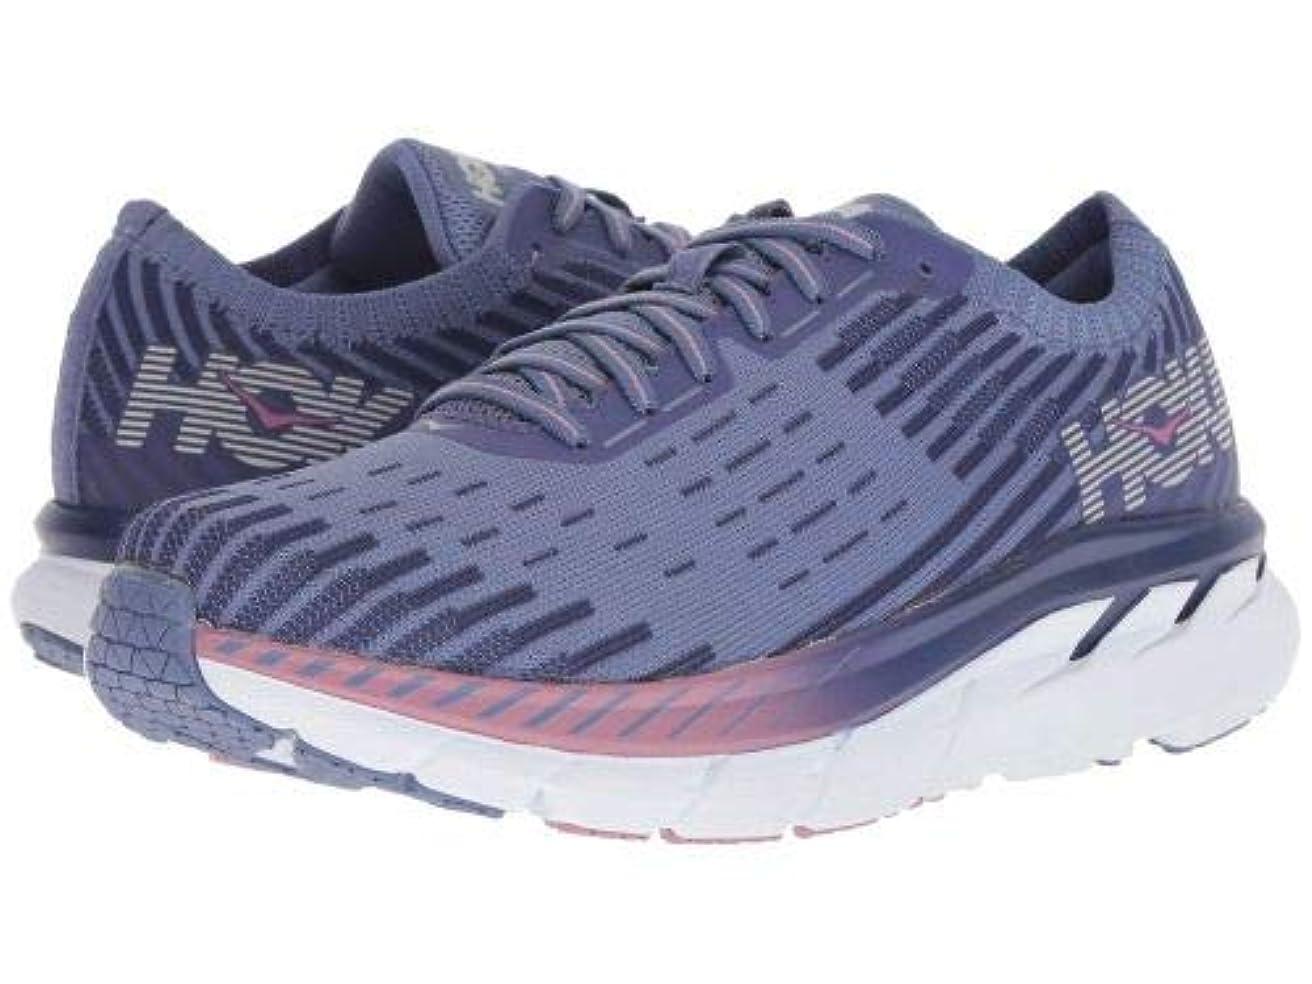 クラッシュよろしく船乗りHoka One One(ホカオネオネ) レディース 女性用 シューズ 靴 スニーカー 運動靴 Clifton 5 Knit - Marlin/Blue Ribbon [並行輸入品]